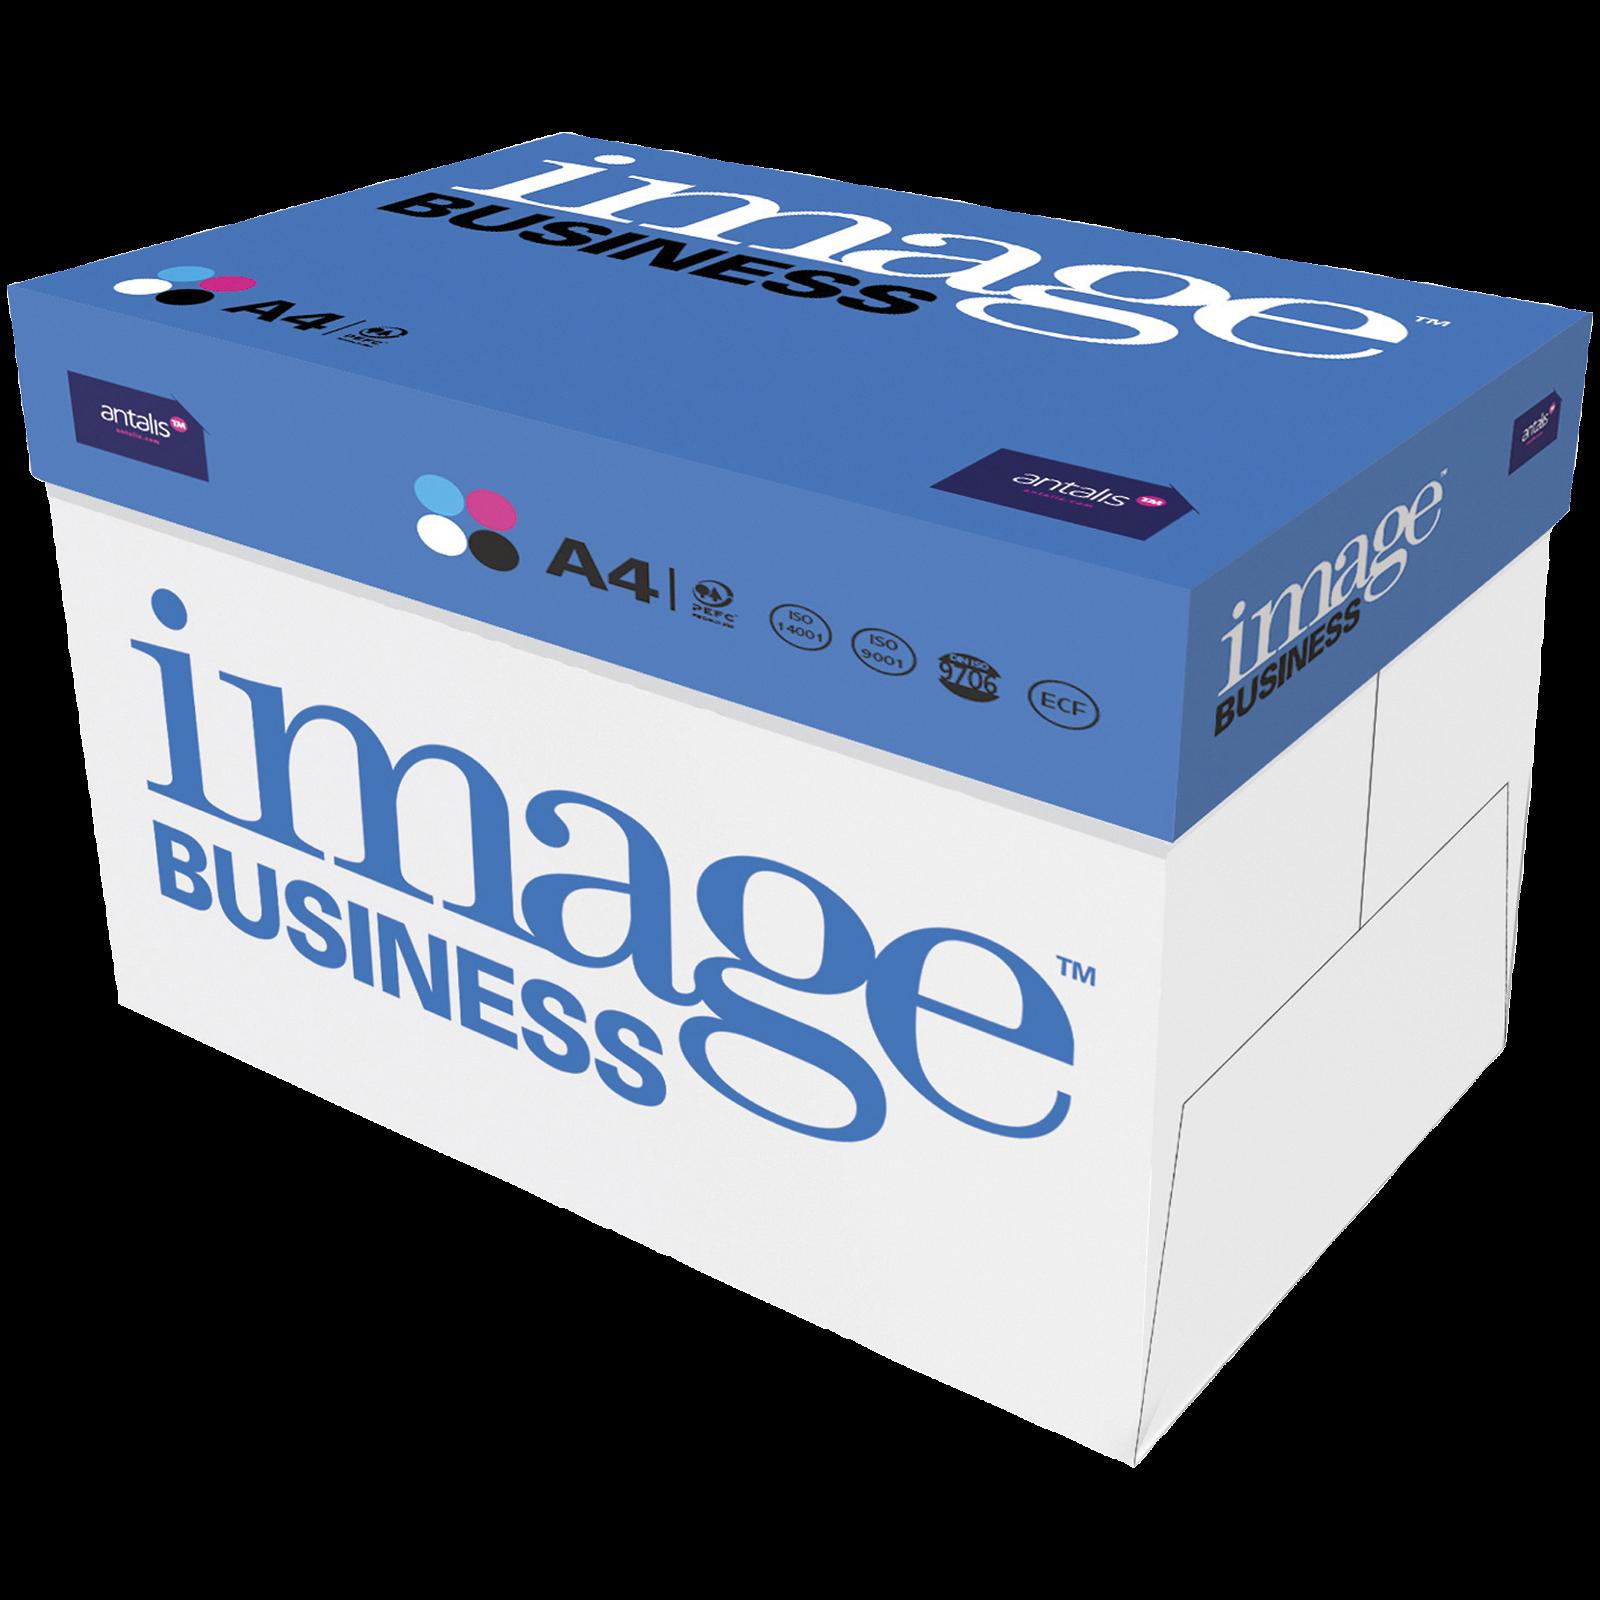 Image Business kopipapir